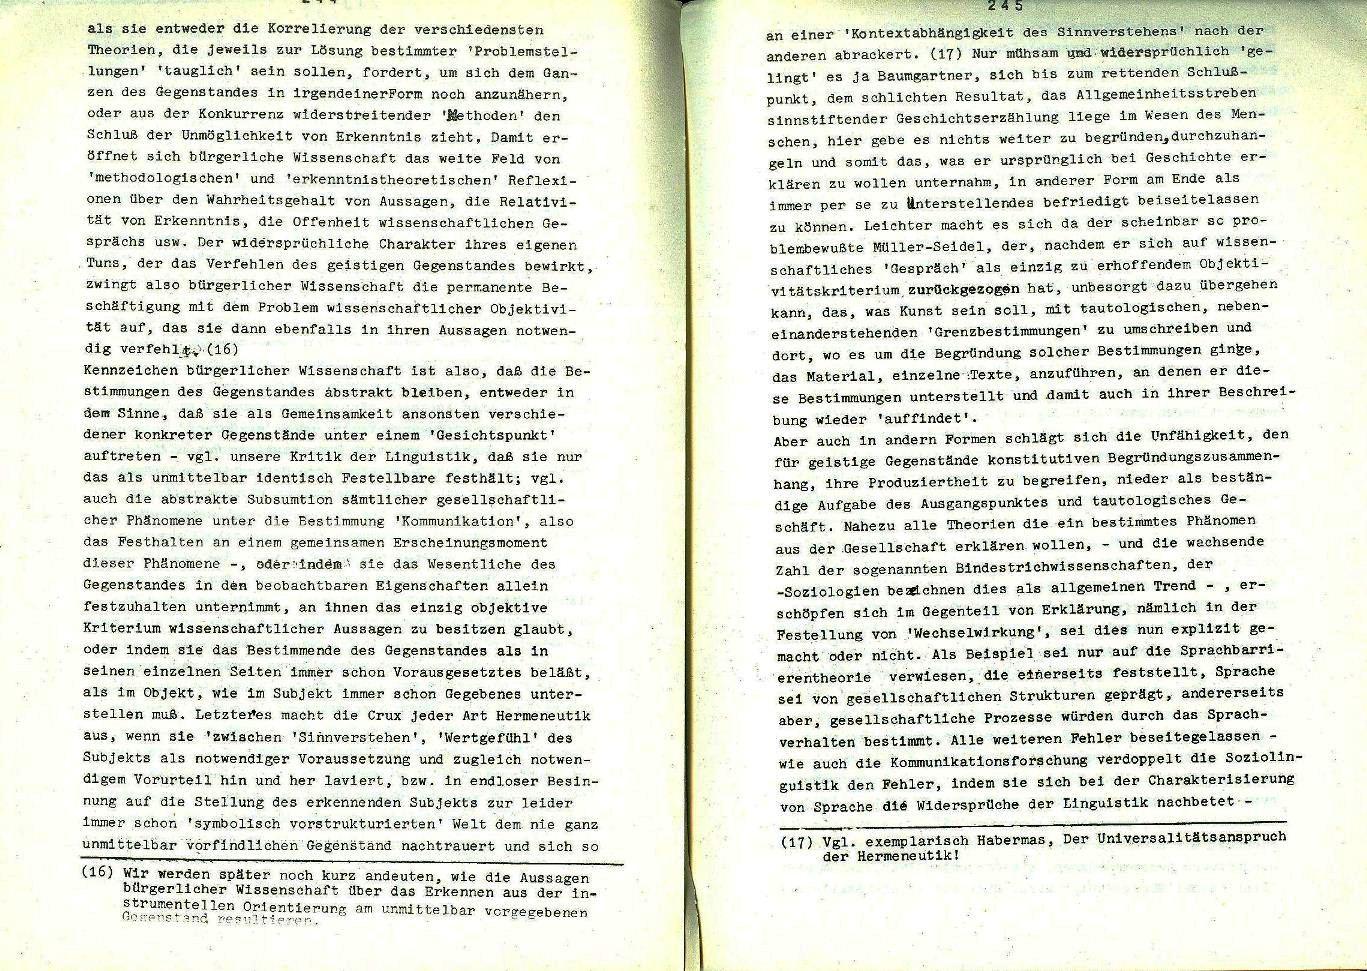 Muenchen_AK_Sozialistisches_Studium127